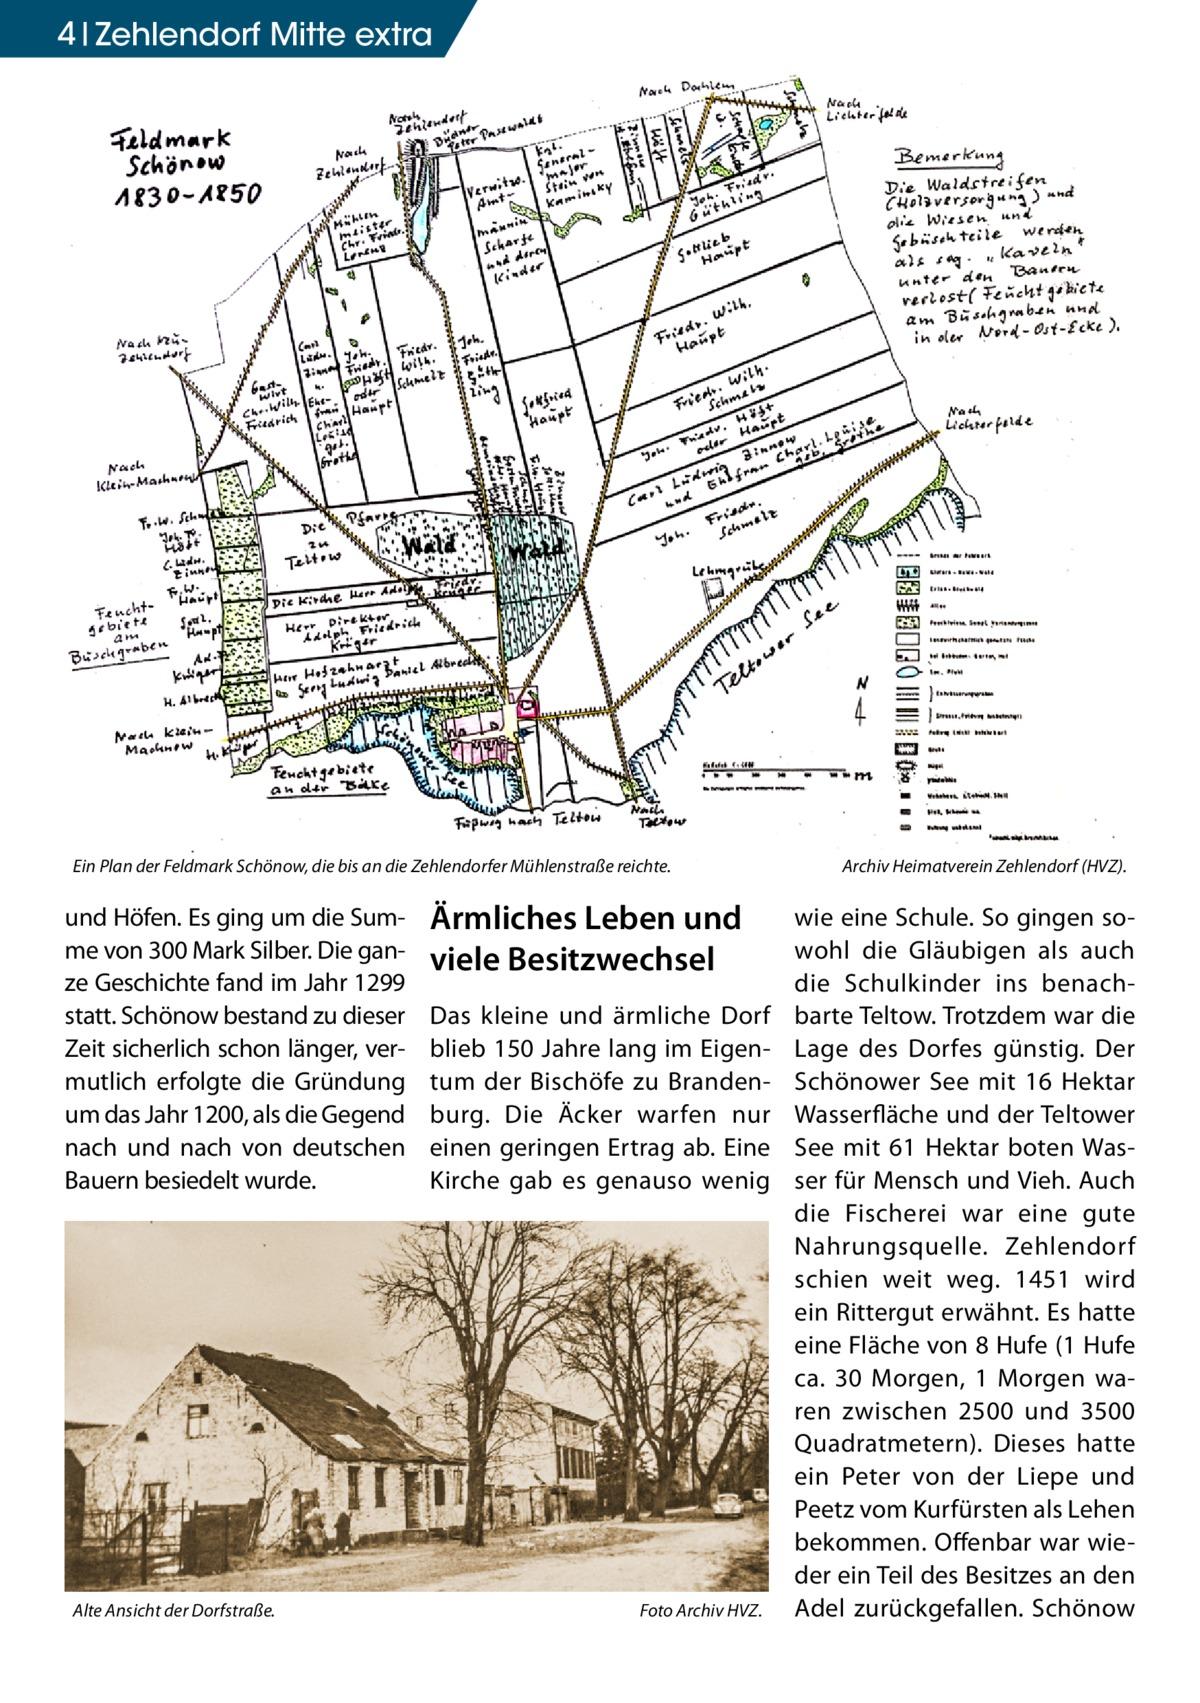 4 Zehlendorf Mitte extra  Ein Plan der Feldmark Schönow, die bis an die Zehlendorfer Mühlenstraße reichte. �  und Höfen. Es ging um die Summe von 300 Mark Silber. Die ganze Geschichte fand im Jahr 1299 statt. Schönow bestand zu dieser Zeit sicherlich schon länger, vermutlich erfolgte die Gründung um das Jahr 1200, als die Gegend nach und nach von deutschen Bauern besiedelt wurde.  Alte Ansicht der Dorfstraße. �  Ärmliches Leben und viele Besitzwechsel Das kleine und ärmliche Dorf blieb 150 Jahre lang im Eigentum der Bischöfe zu Brandenburg. Die Äcker warfen nur einen geringen Ertrag ab. Eine Kirche gab es genauso wenig  Foto Archiv HVZ.  Archiv Heimatverein Zehlendorf (HVZ).  wie eine Schule. So gingen sowohl die Gläubigen als auch die Schulkinder ins benachbarte Teltow. Trotzdem war die Lage des Dorfes günstig. Der Schönower See mit 16 Hektar Wasserfläche und der Teltower See mit 61 Hektar boten Wasser für Mensch und Vieh. Auch die Fischerei war eine gute Nahrungsquelle. Zehlendorf schien weit weg. 1451 wird ein Rittergut erwähnt. Es hatte eine Fläche von 8 Hufe (1 Hufe ca. 30 Morgen, 1 Morgen waren zwischen 2500 und 3500 Quadratmetern). Dieses hatte ein Peter von der Liepe und Peetz vom Kurfürsten als Lehen bekommen. Offenbar war wieder ein Teil des Besitzes an den Adel zurückgefallen. Schönow